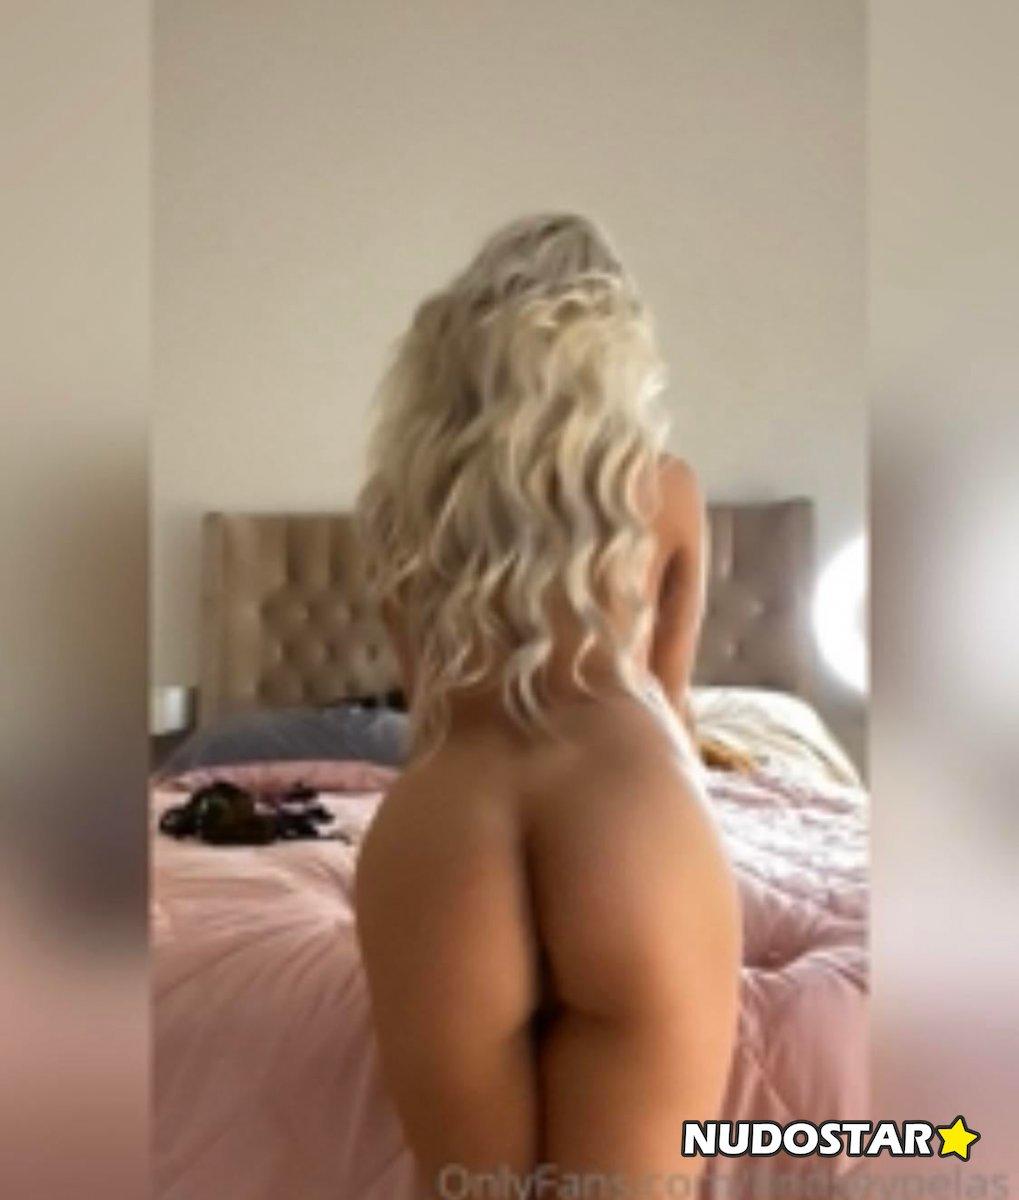 Lindsey Pelas Linsey Dawn Onlyfans Nude Leaks 0018